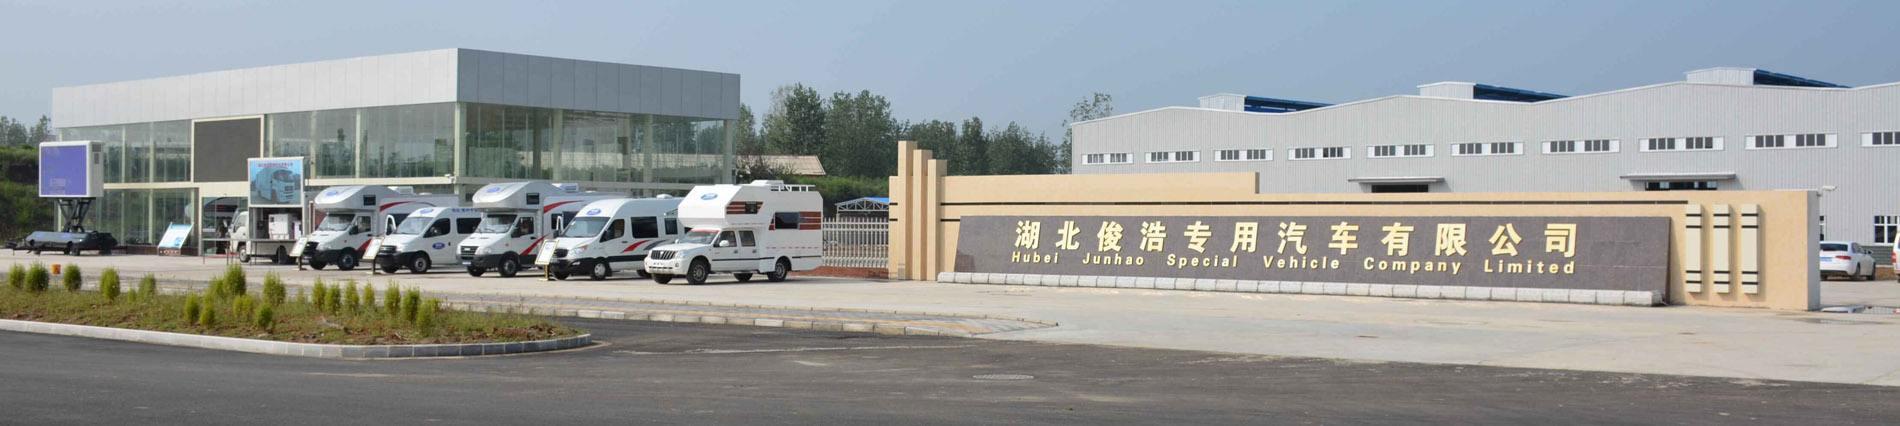 湖北俊浩专用汽车有限公司